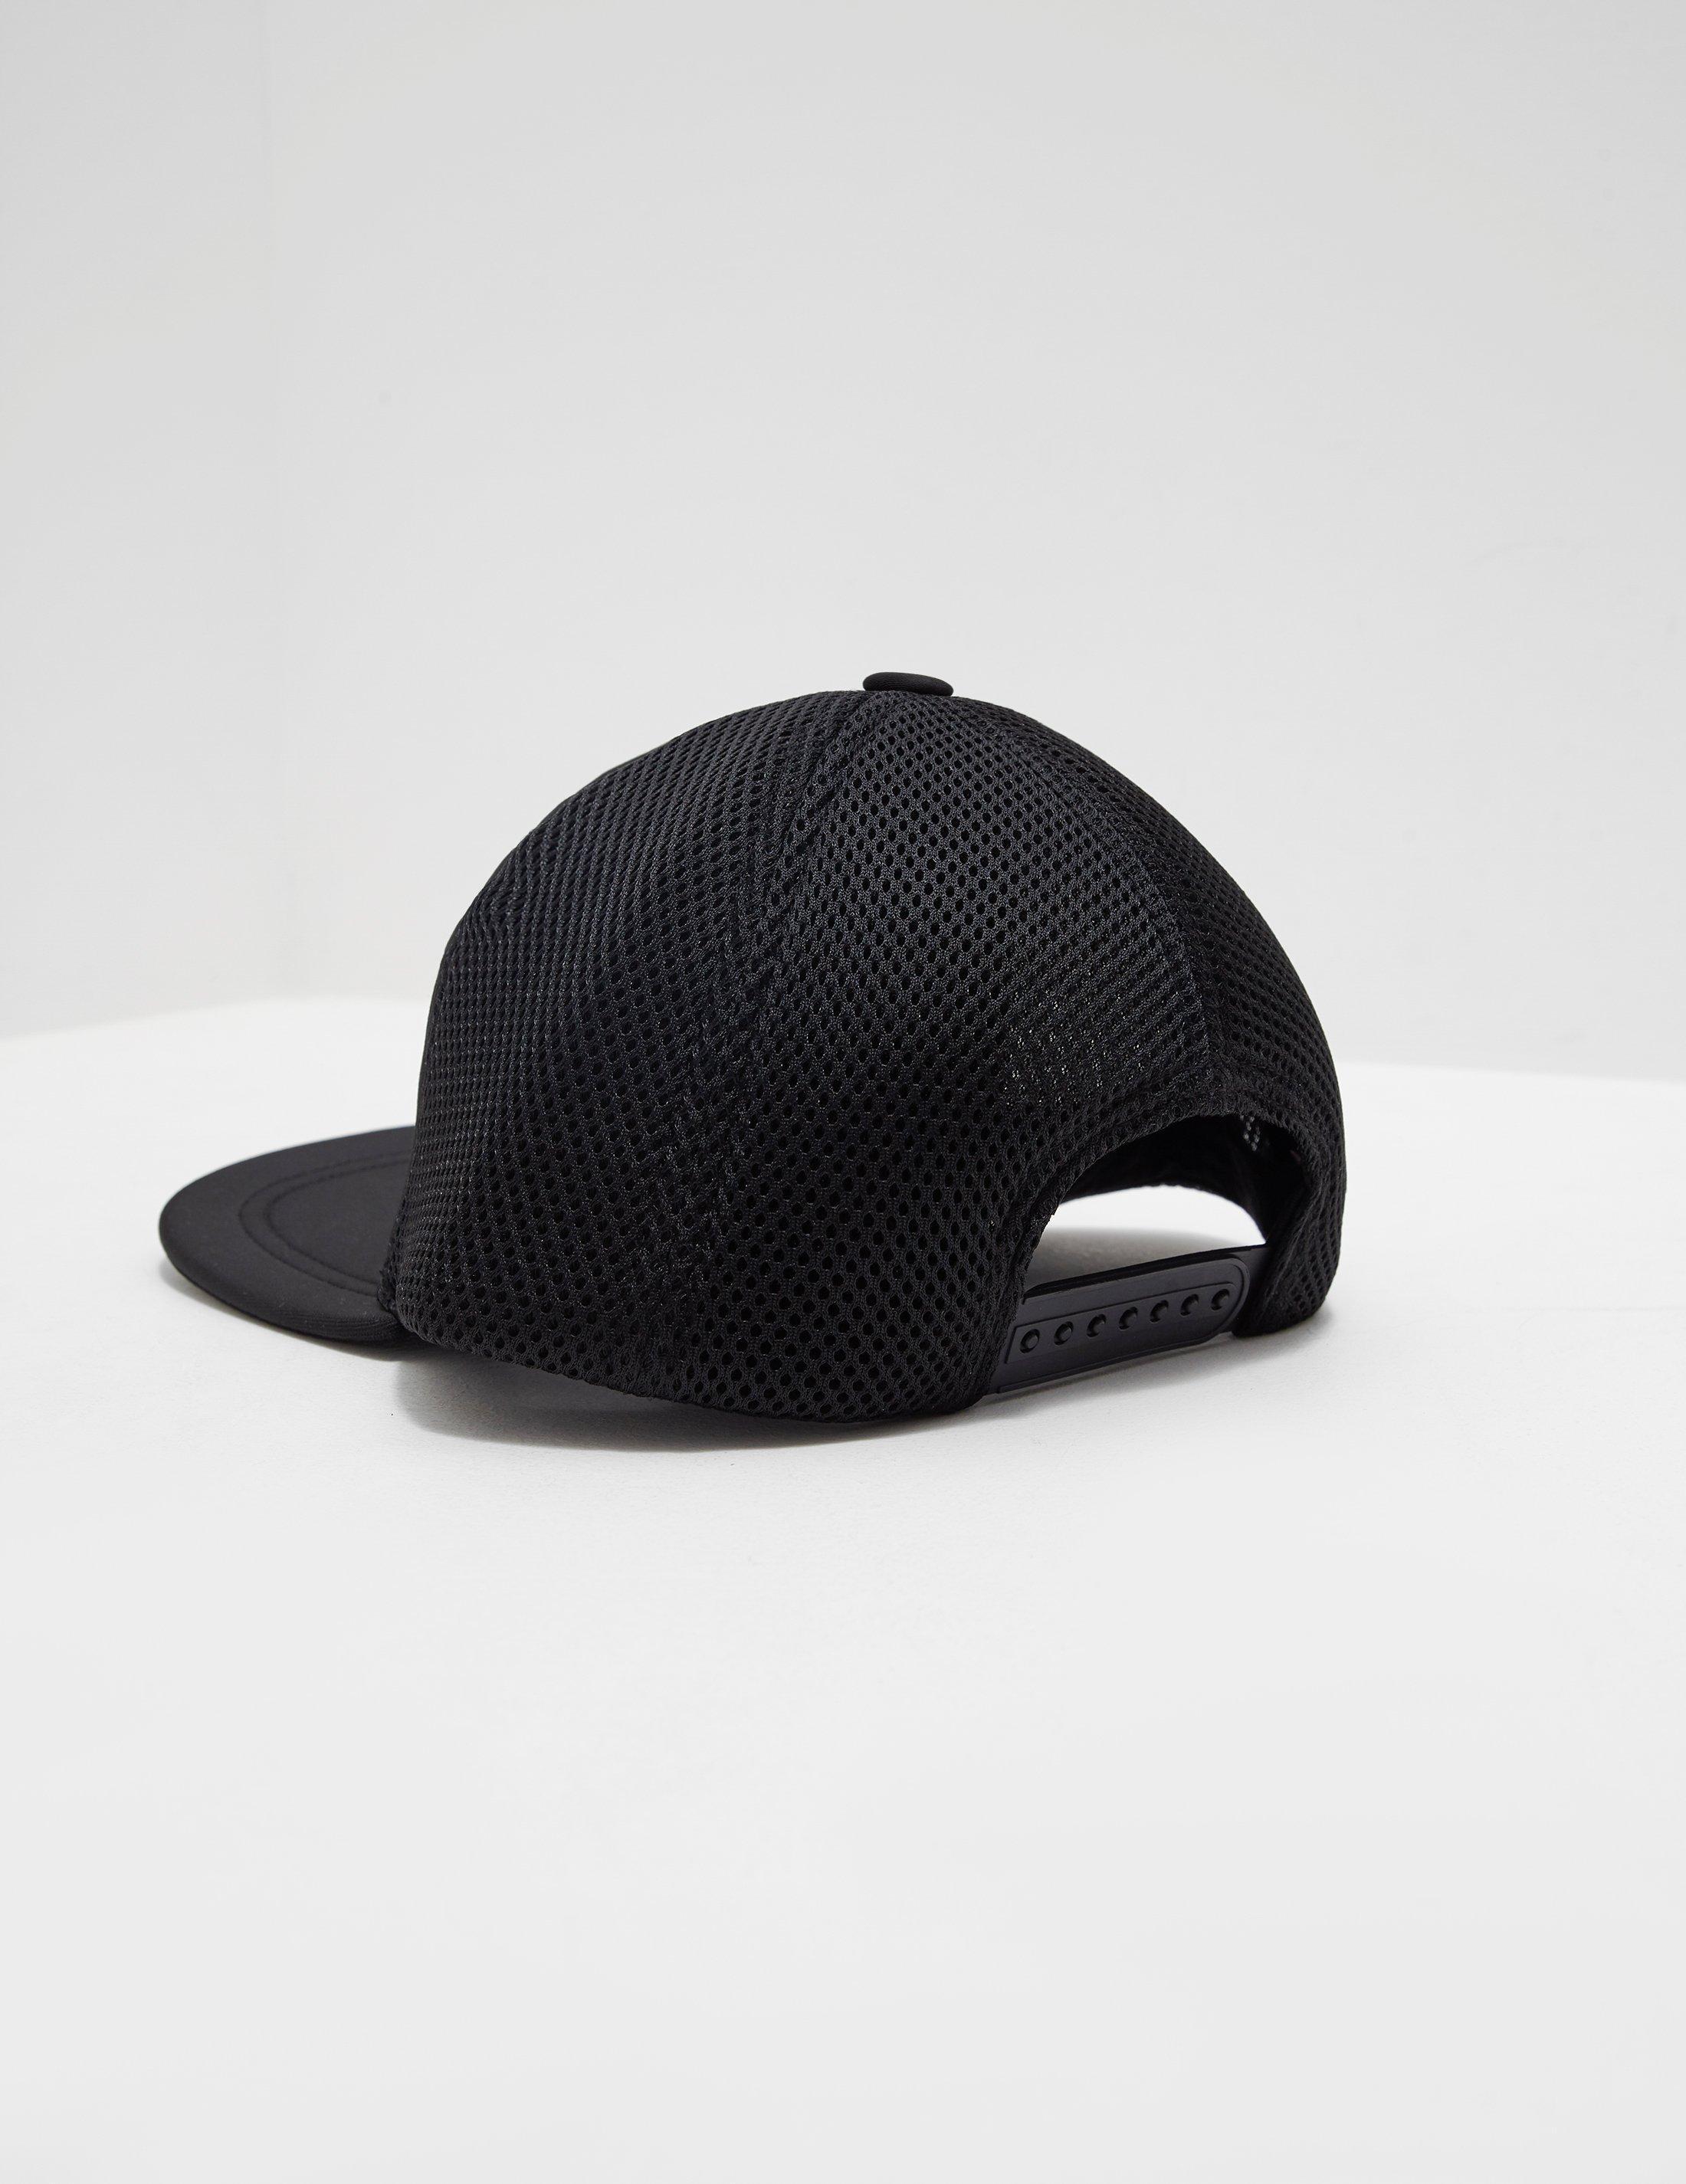 4e11a496ac2 Emporio Armani Mens Eagle Cap Black in Black for Men - Lyst